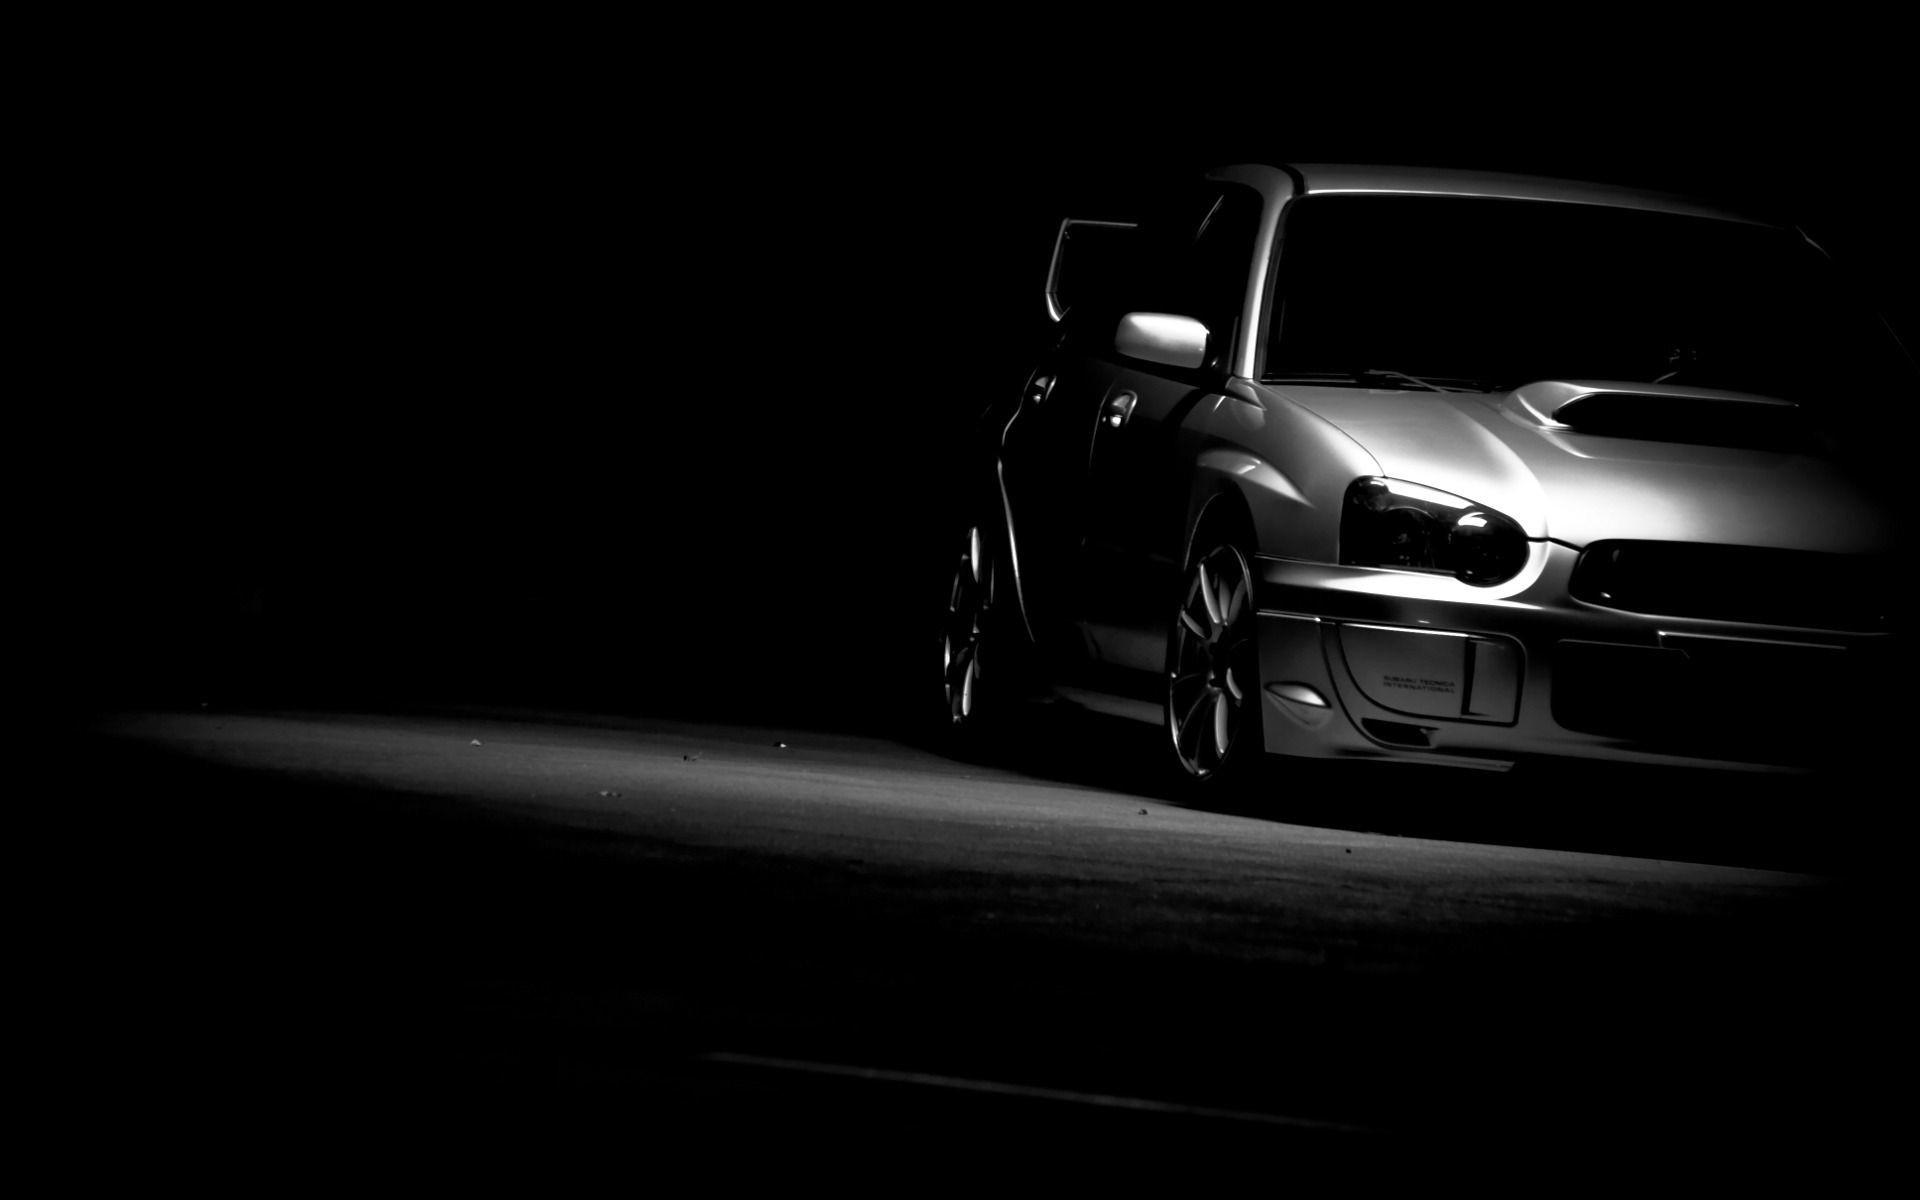 Car Black Background 60 Images